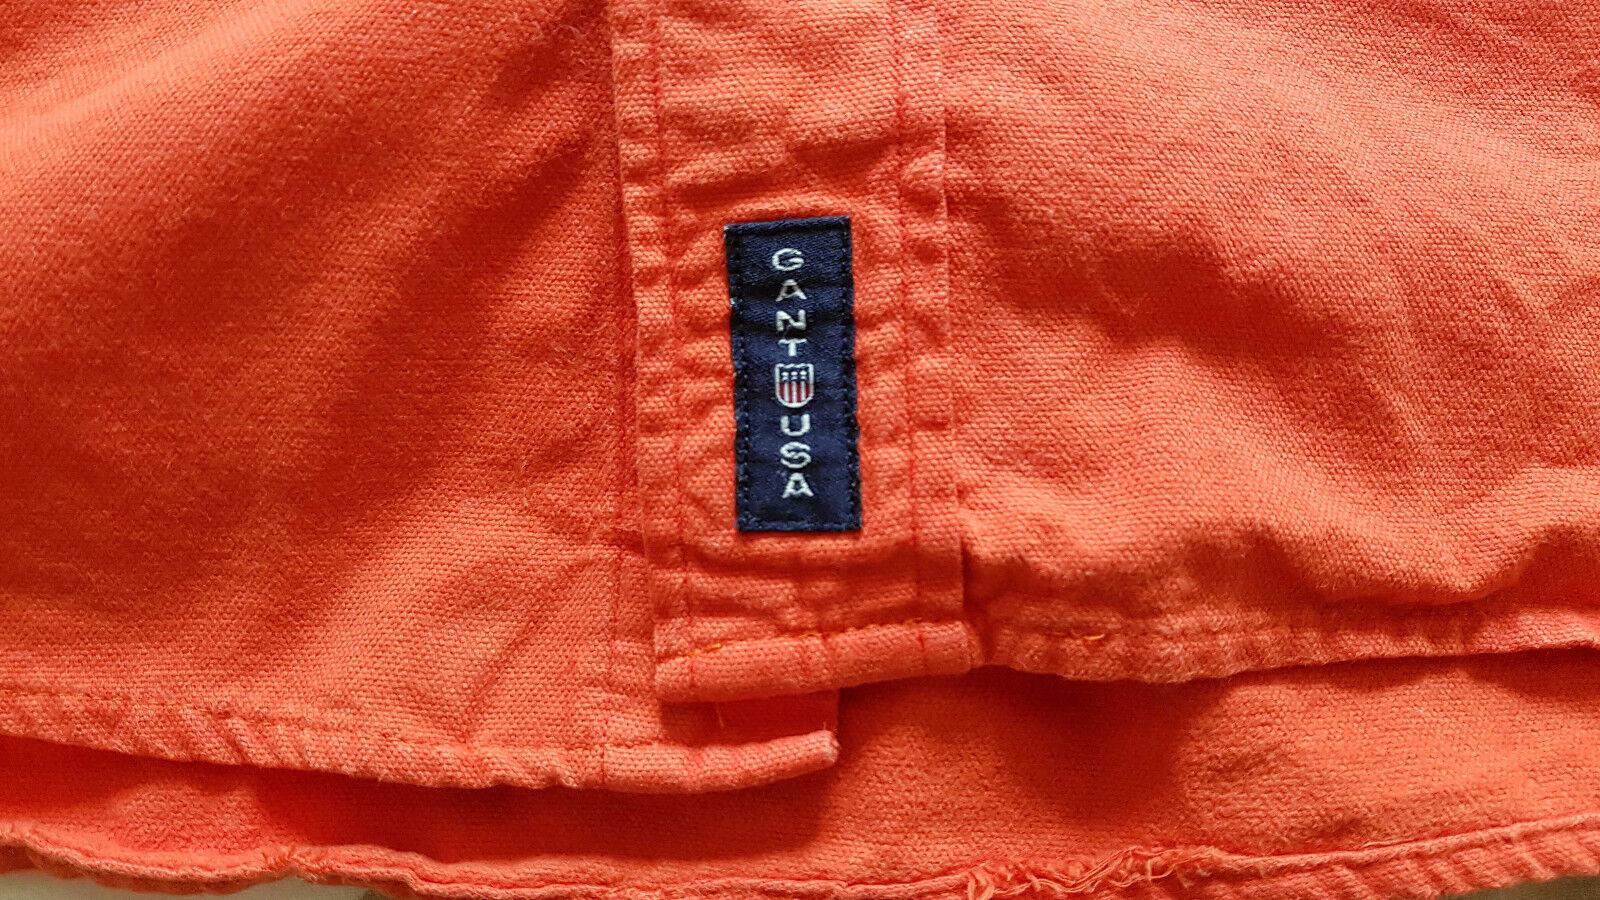 Chemise / surchemise homme 100% coton gant taille m orange (vintage / skate)